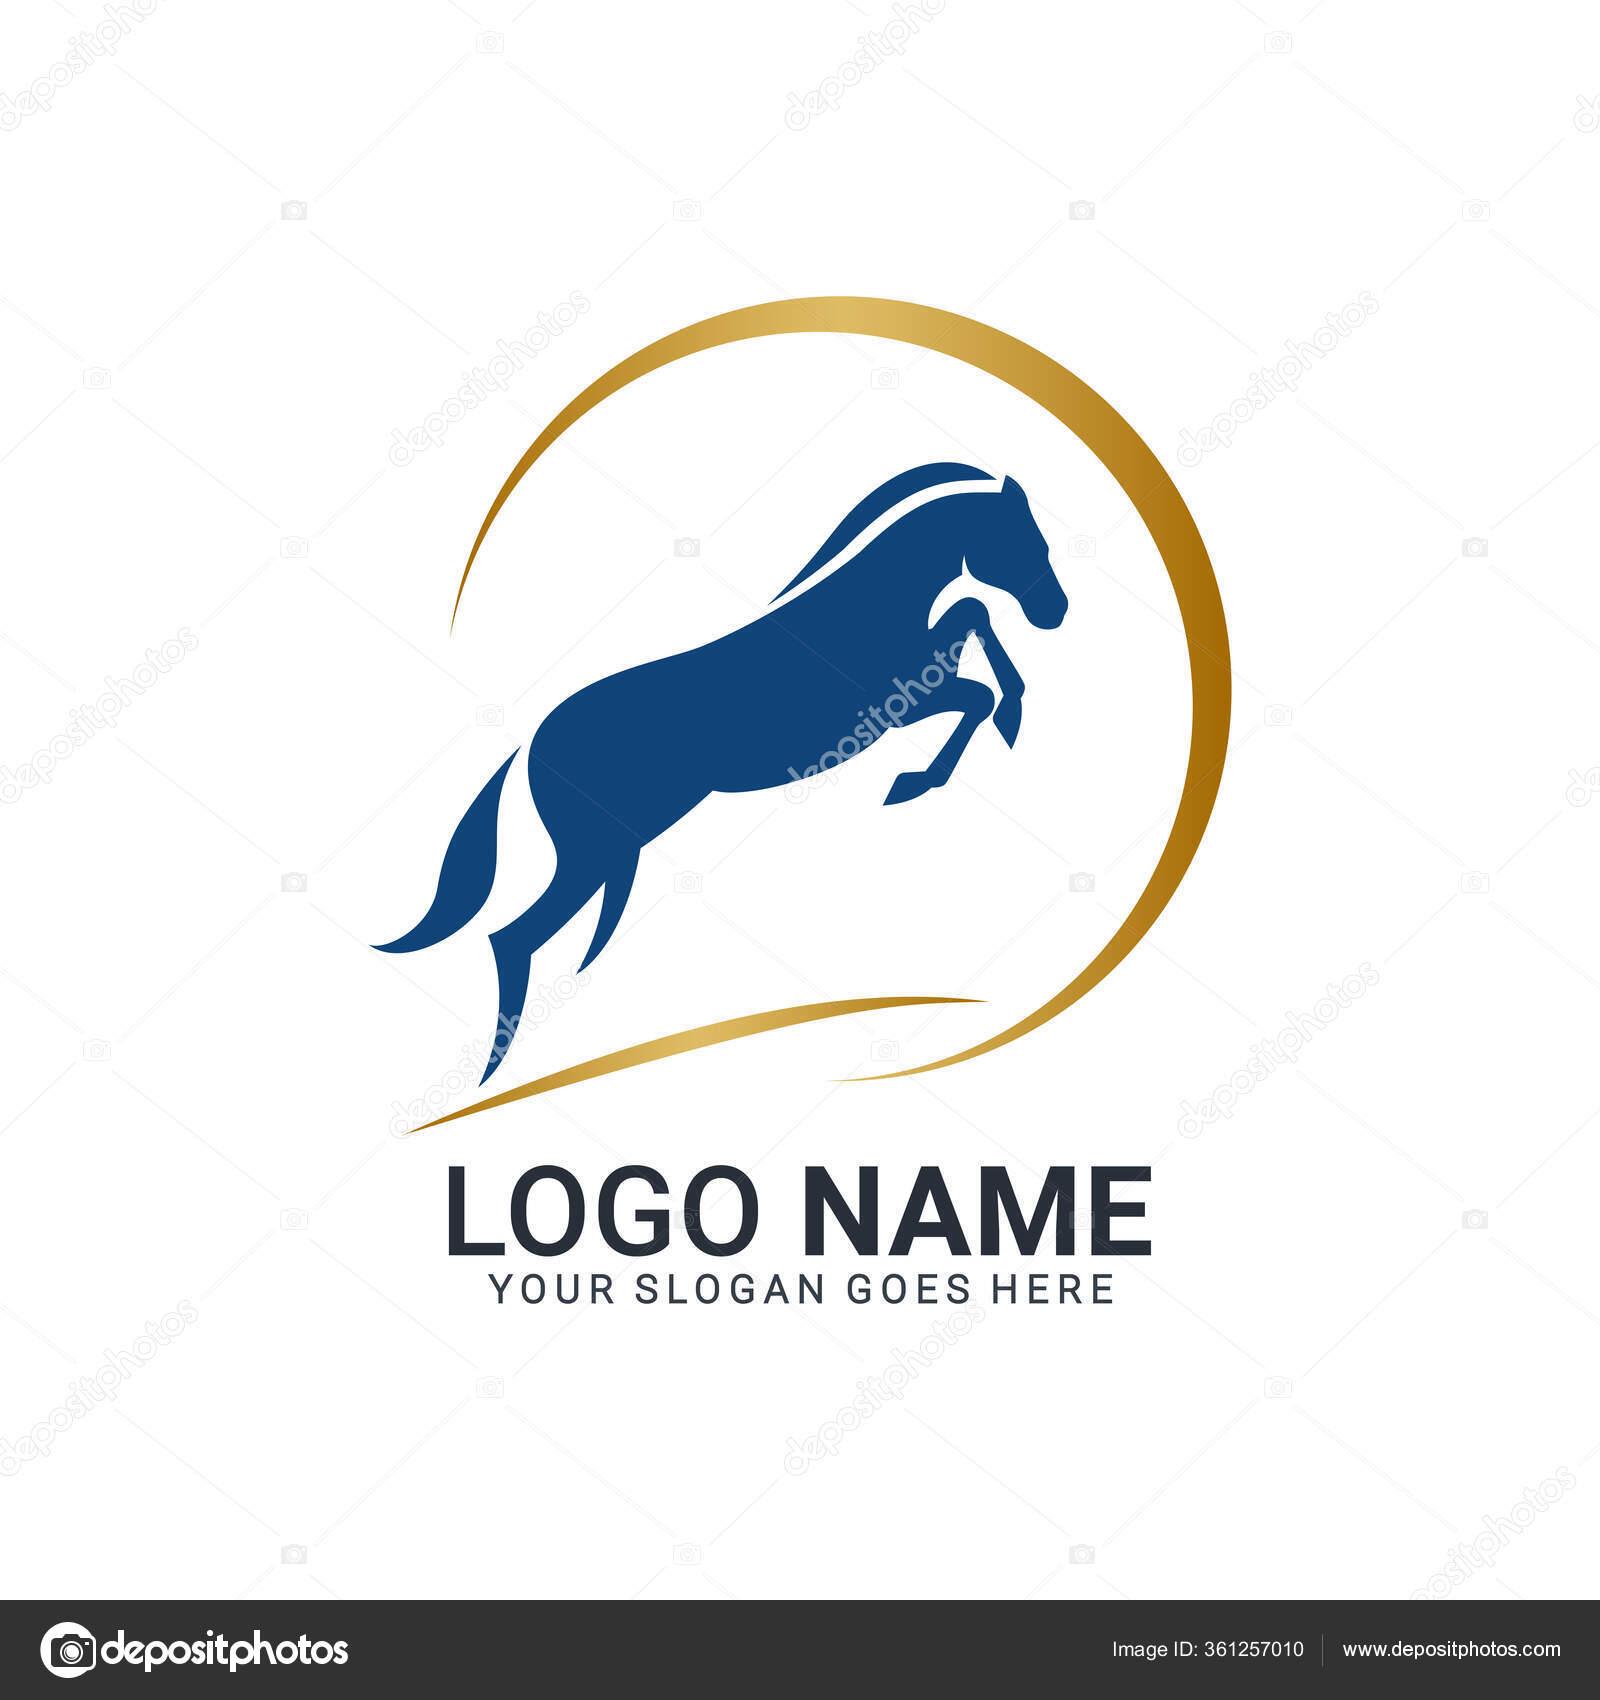 Modern Gold Abstract Horse Logo Design Animal Logo Design Editable Stock Vector C Nietz Studio 361257010